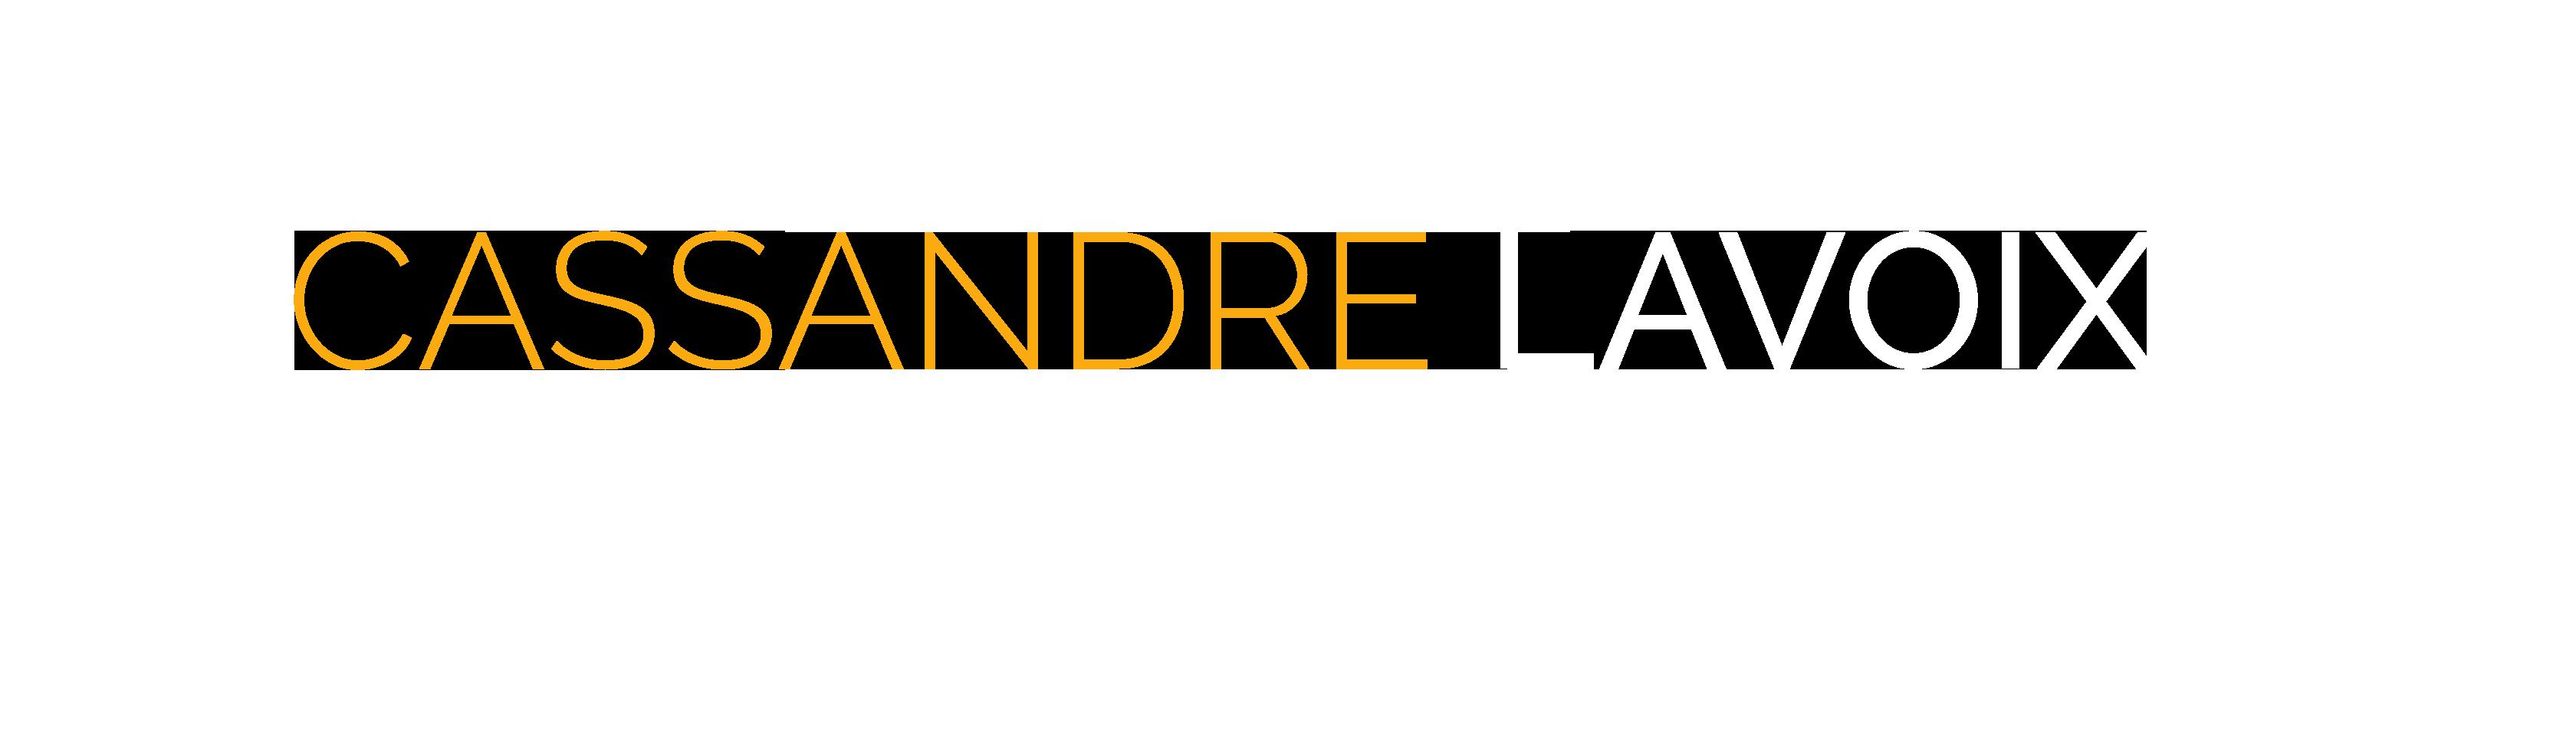 Cassandre Lavoix Photographe